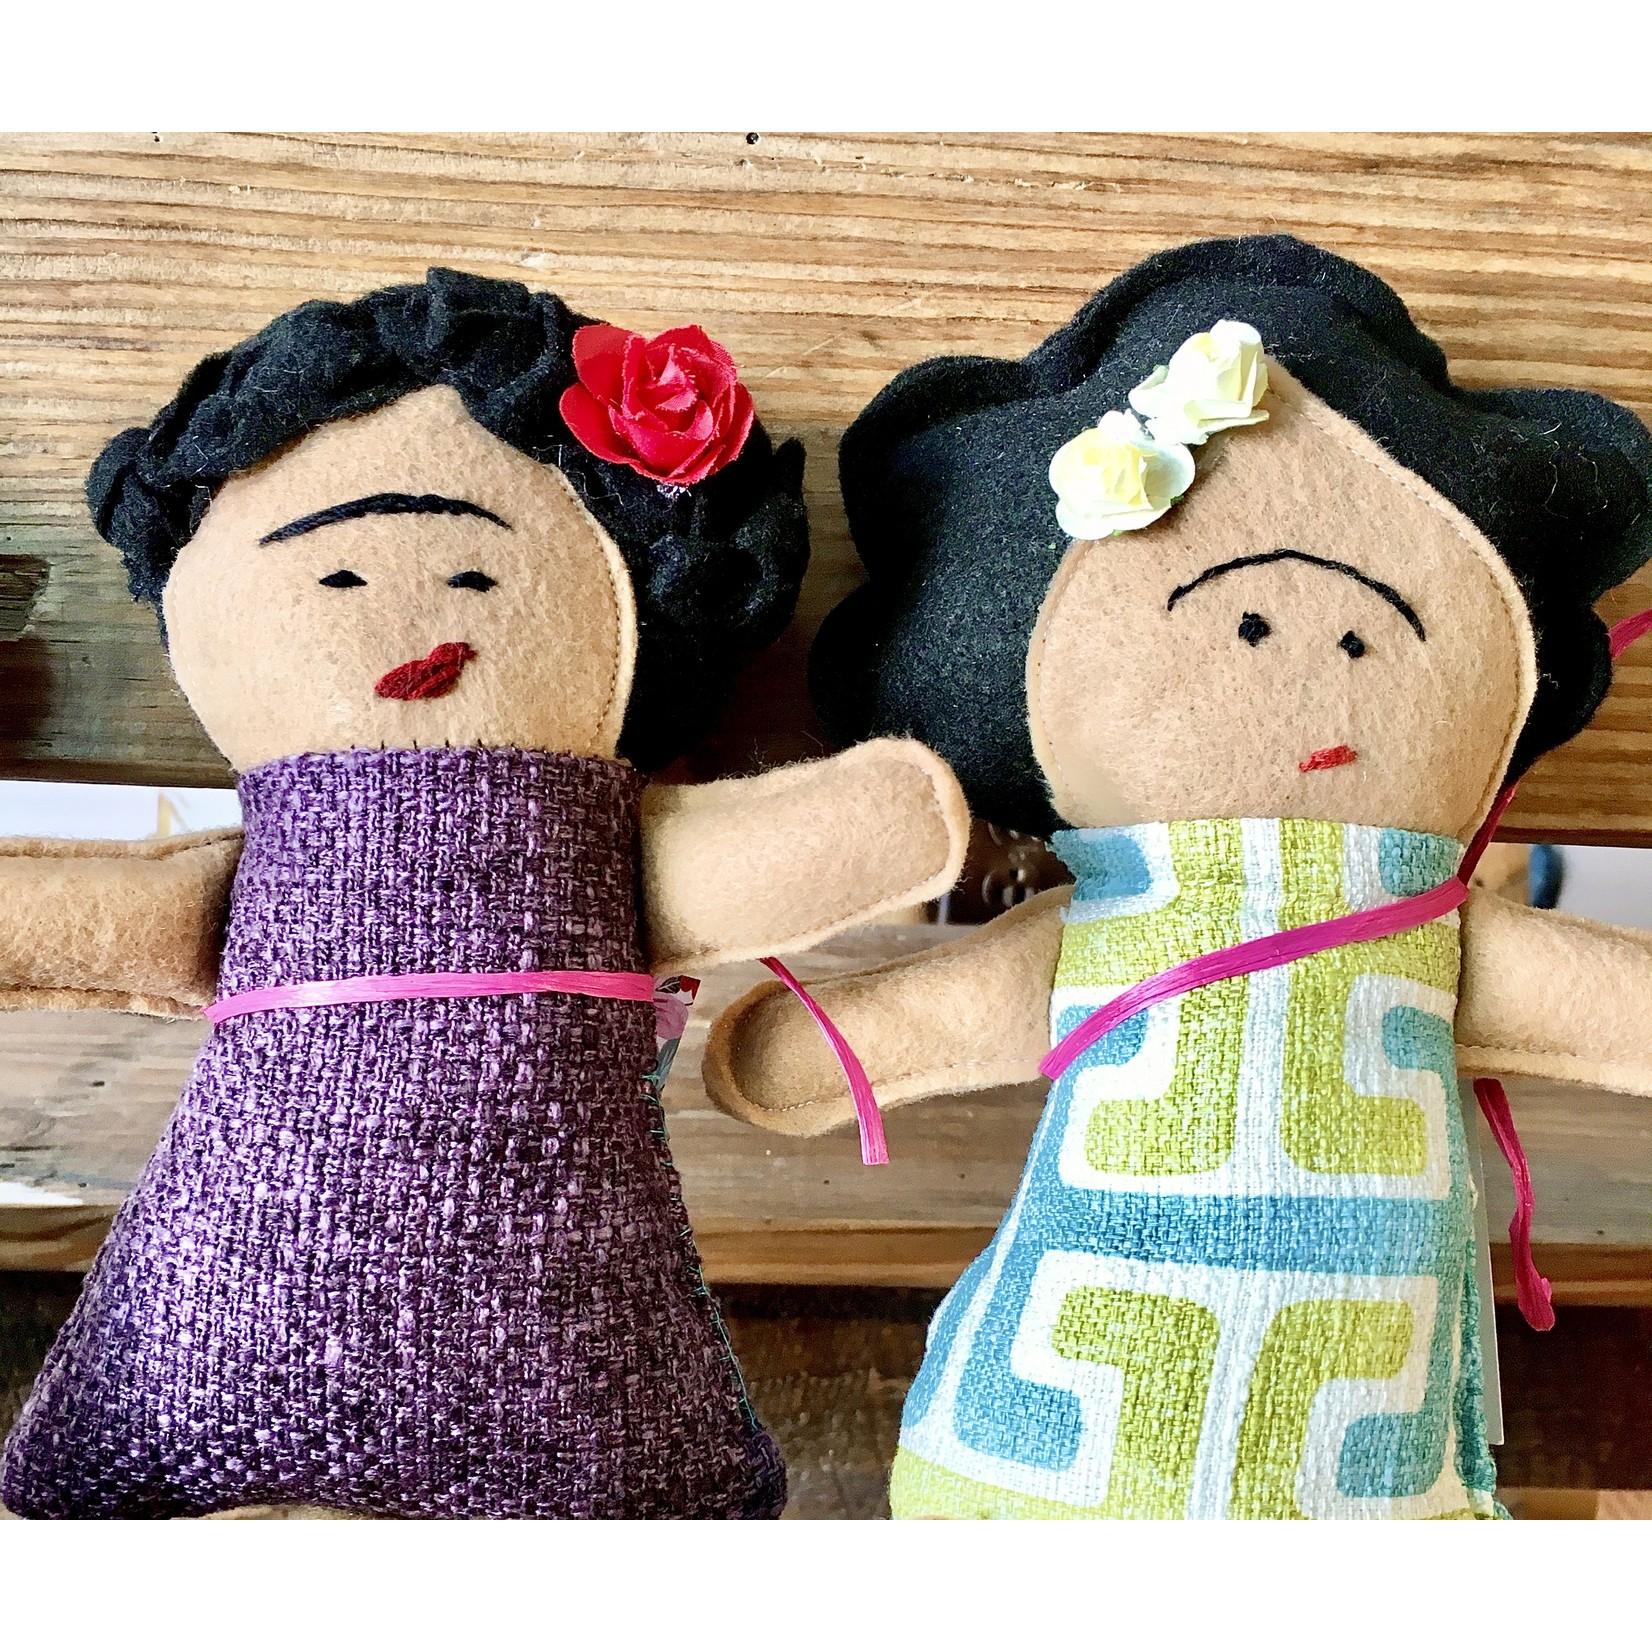 La Tiendita (LO) Frida Kahlo Dolls